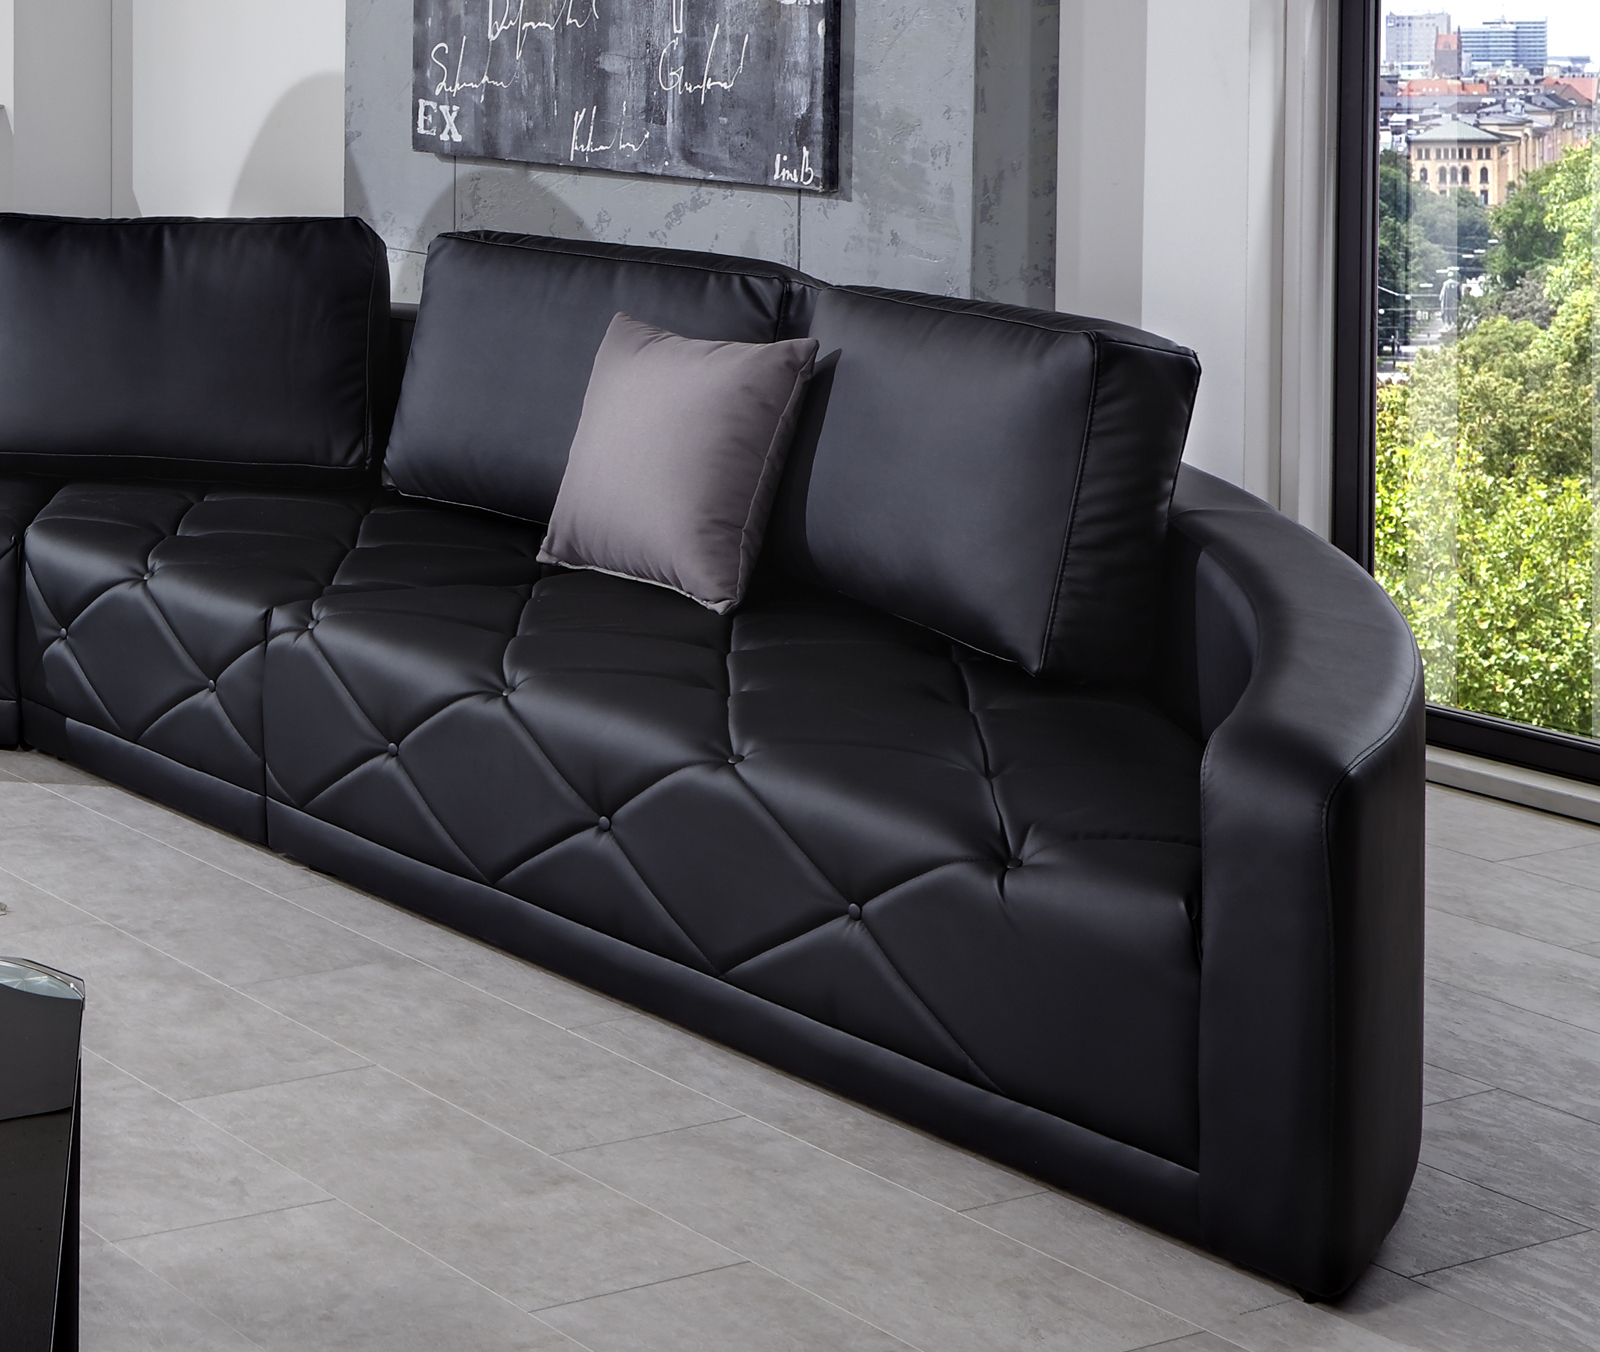 Sam design sofa schwarz wohnlandschaft nero 290 x 380 cm for Wohnlandschaft auf ratenzahlung